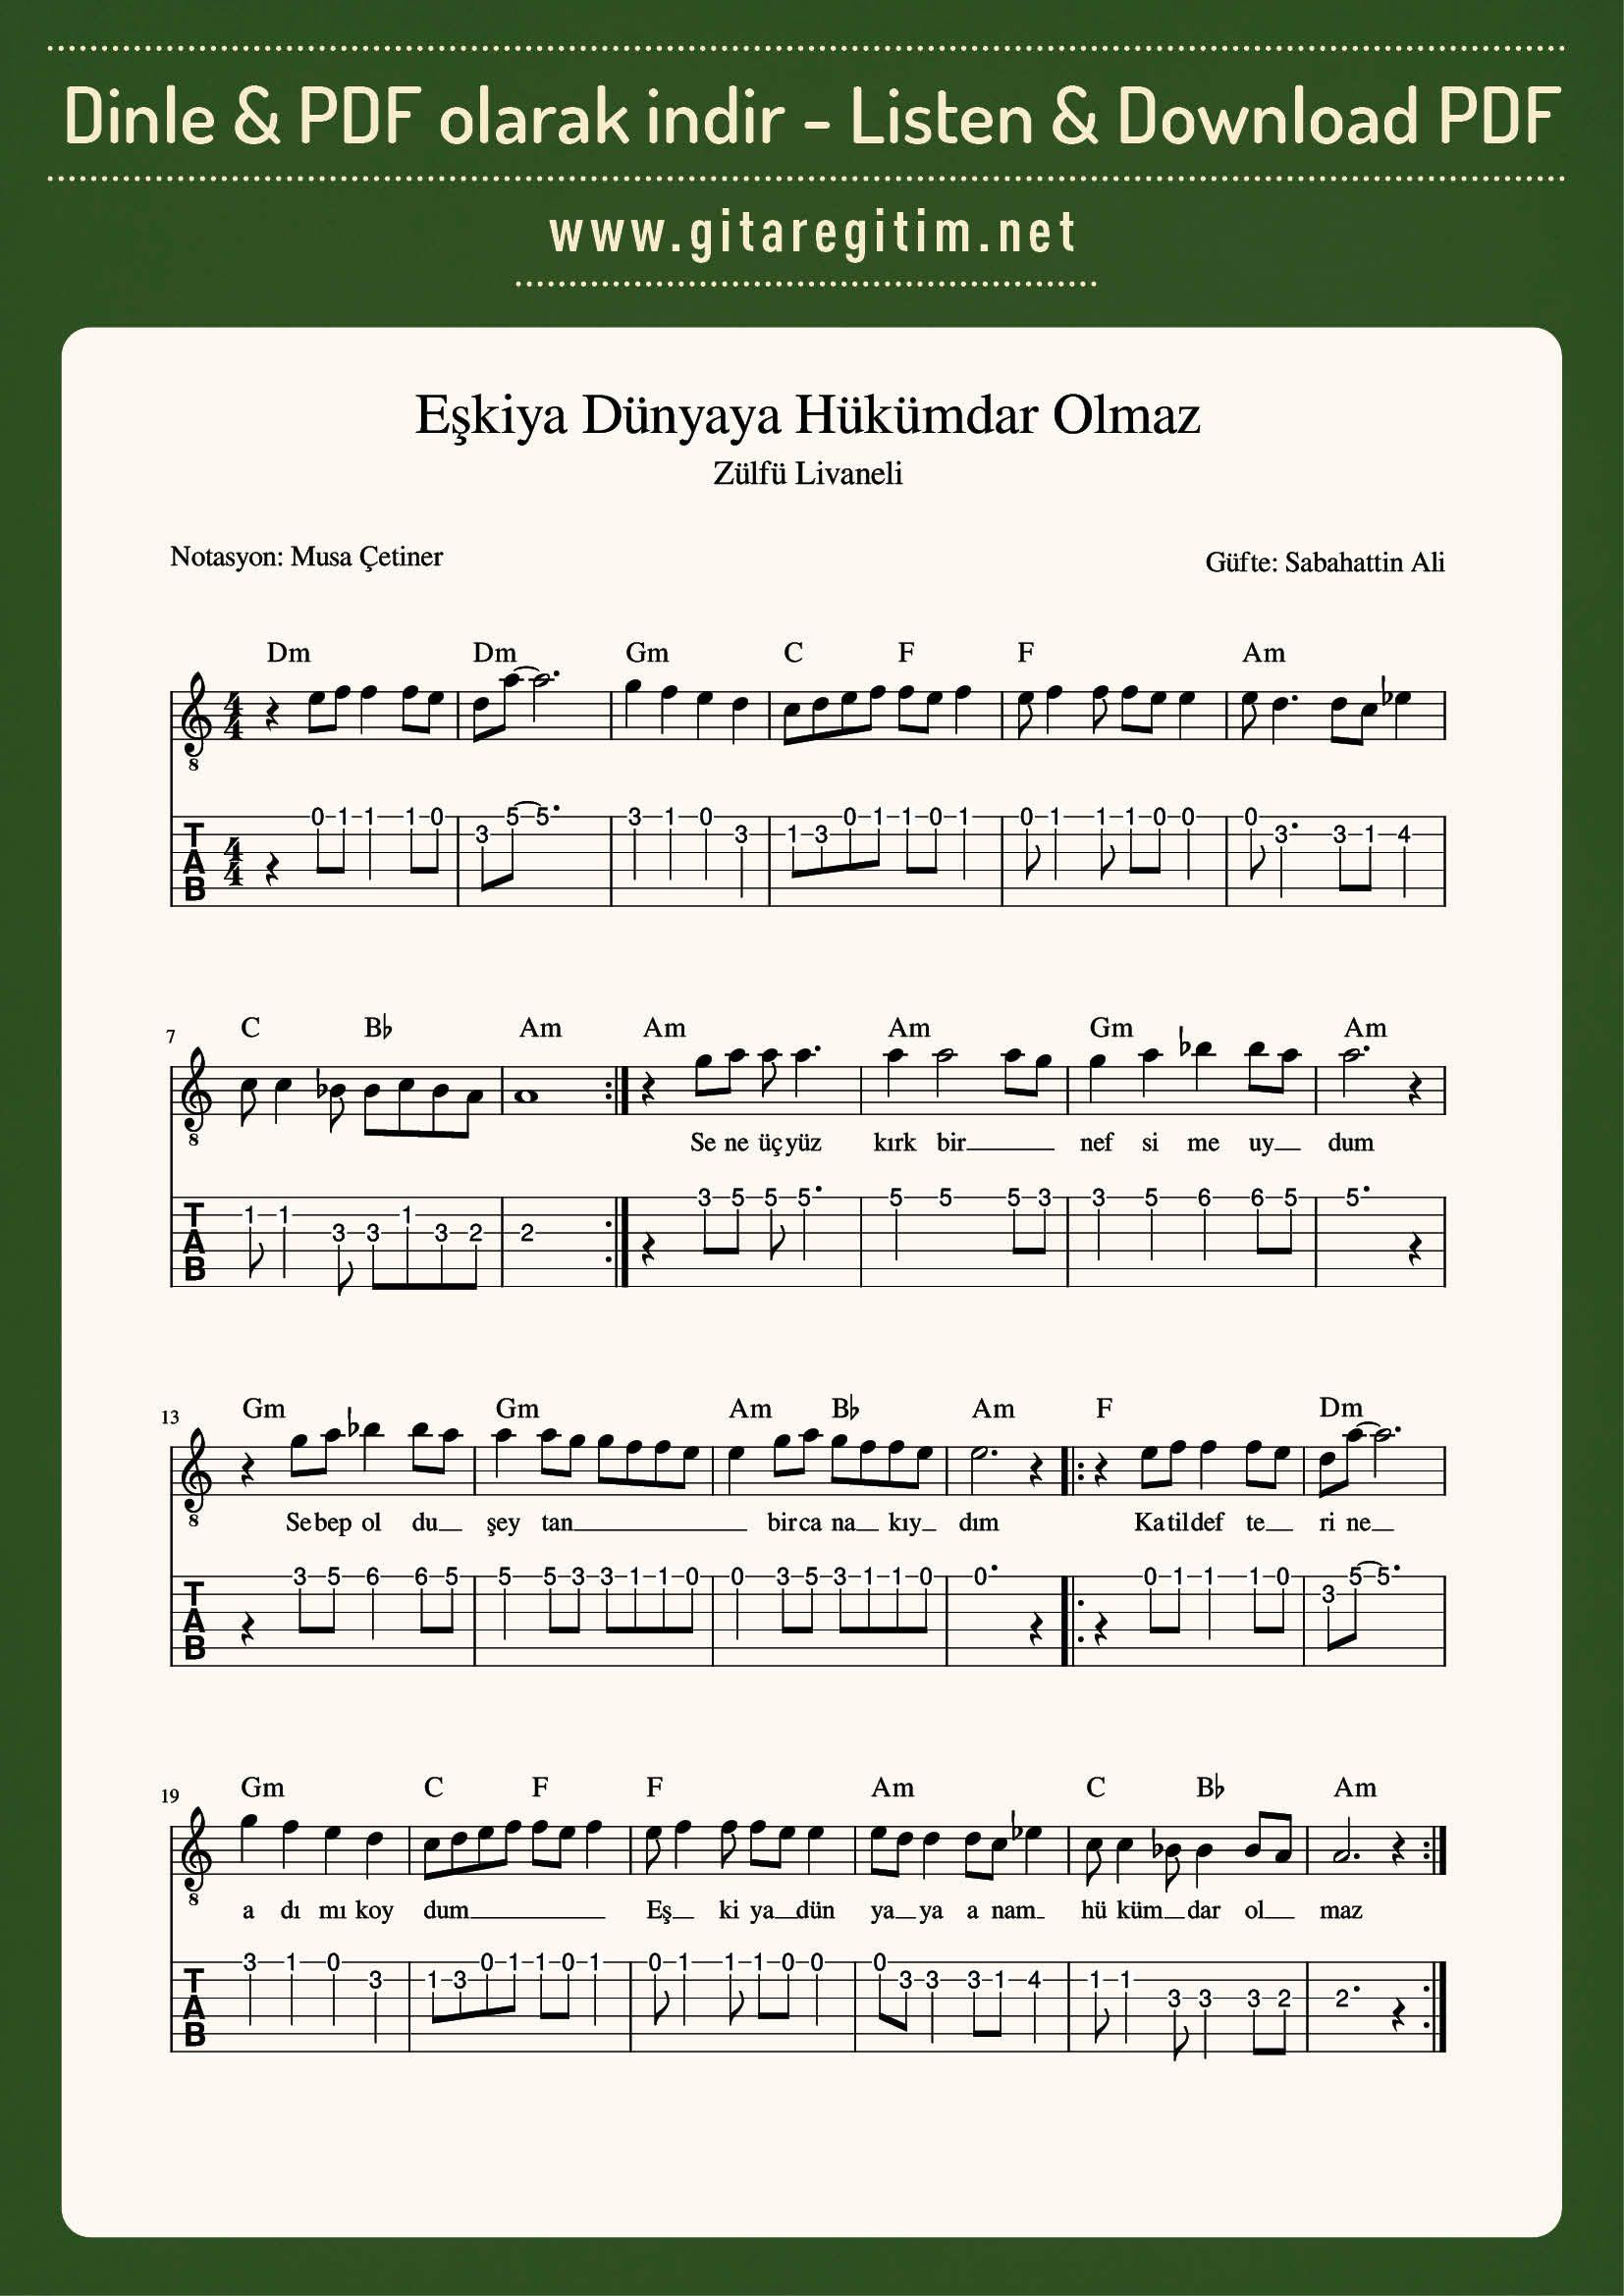 Eskiya Dunyaya Hukumdar Olmaz Nota Tab Gitaregitim Net Muzik Notalari Notalara Dokulmus Muzik Flut